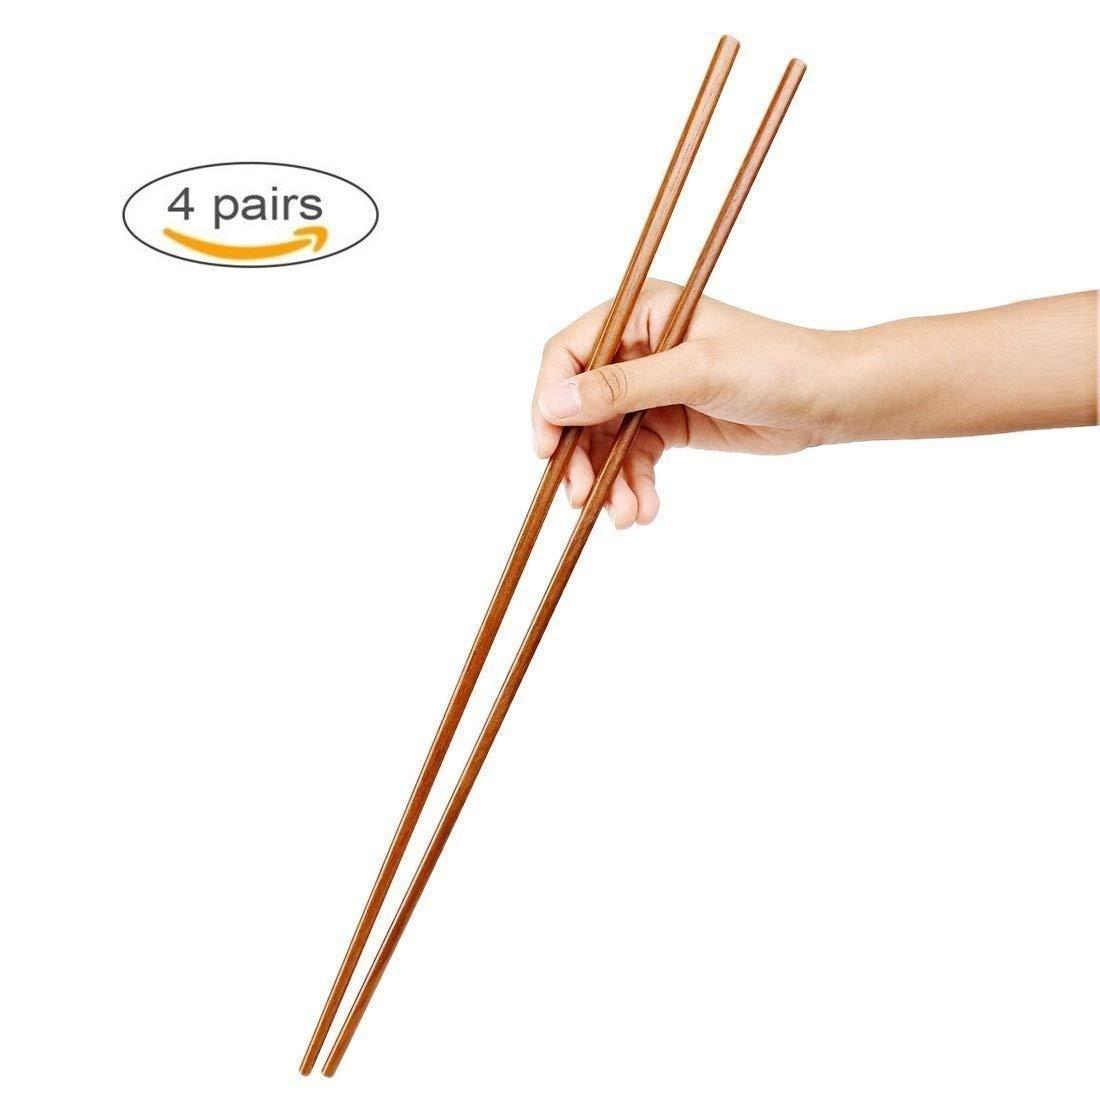 Cedmon Grocery Cooking Wooden Chopsticks, Extra Long Hot Pot Chopsticks,16.5 Inch